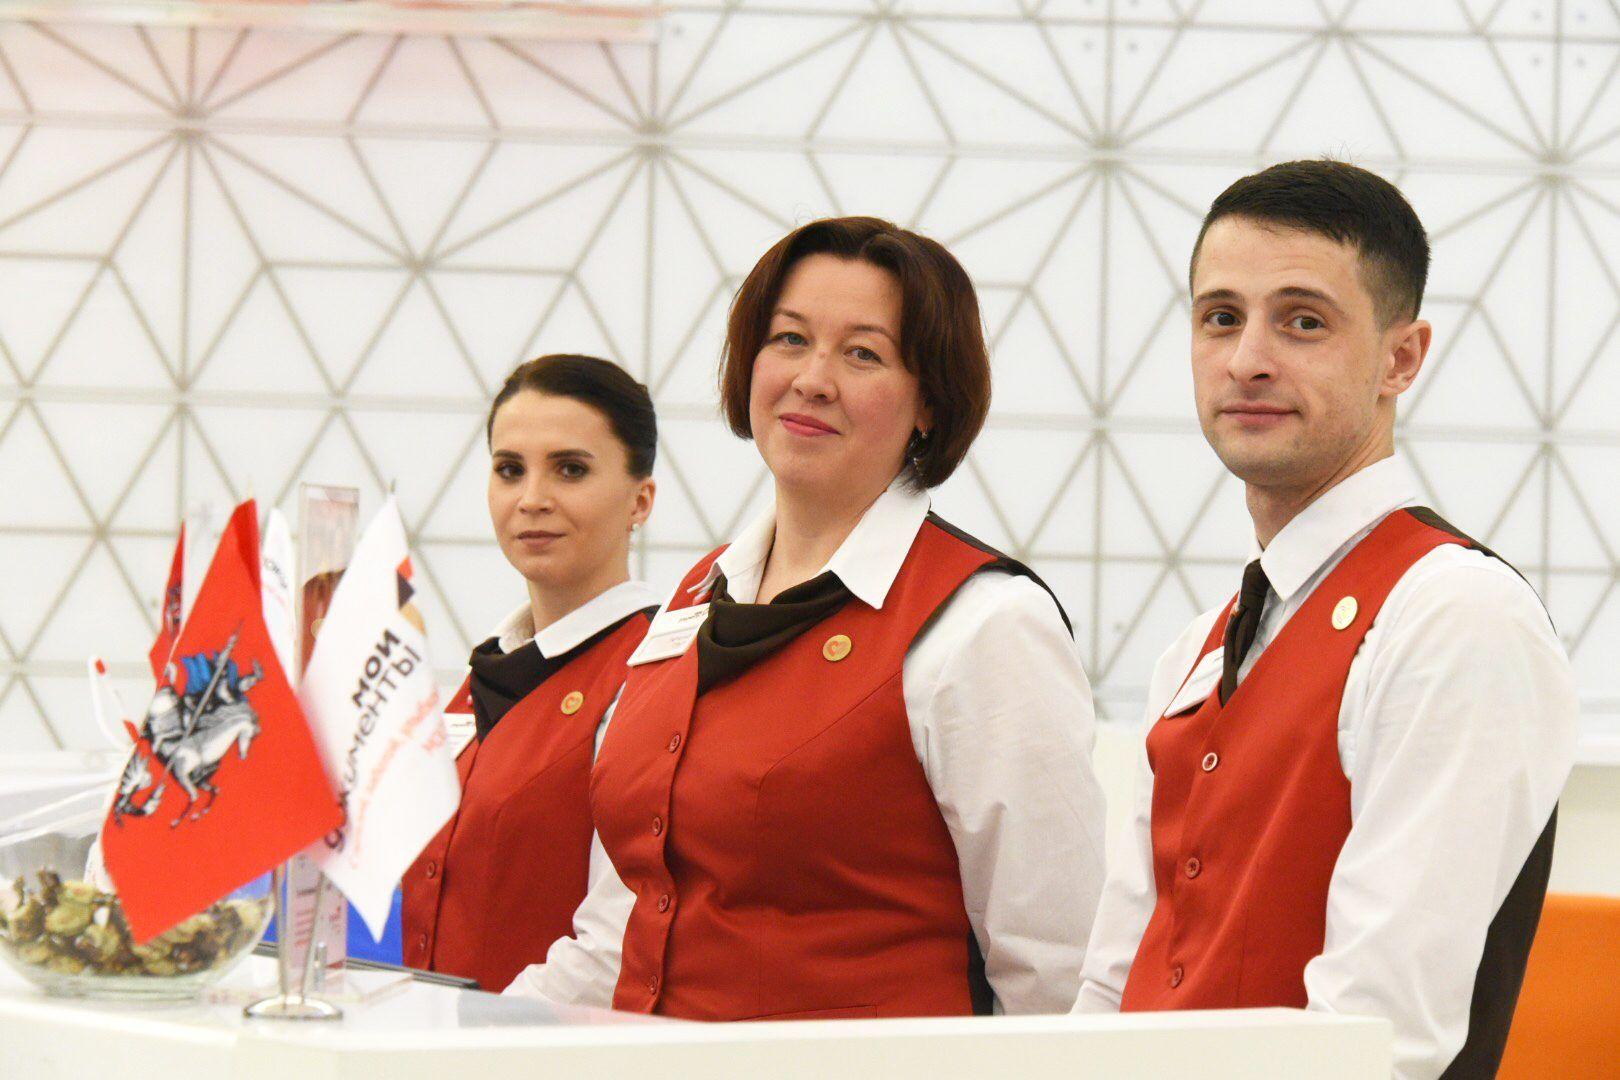 Бесплатные занятия начнутся в понедельник. Фото: Владимир Новиков, «Вечерняя Москва»